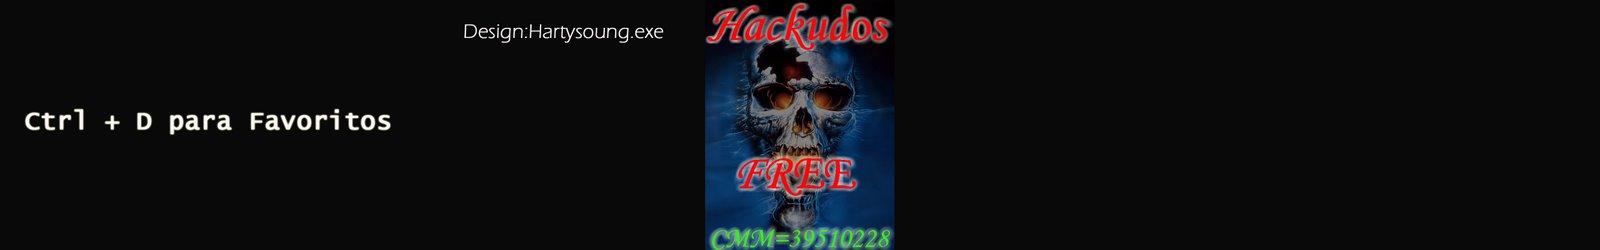 Hackudos Free